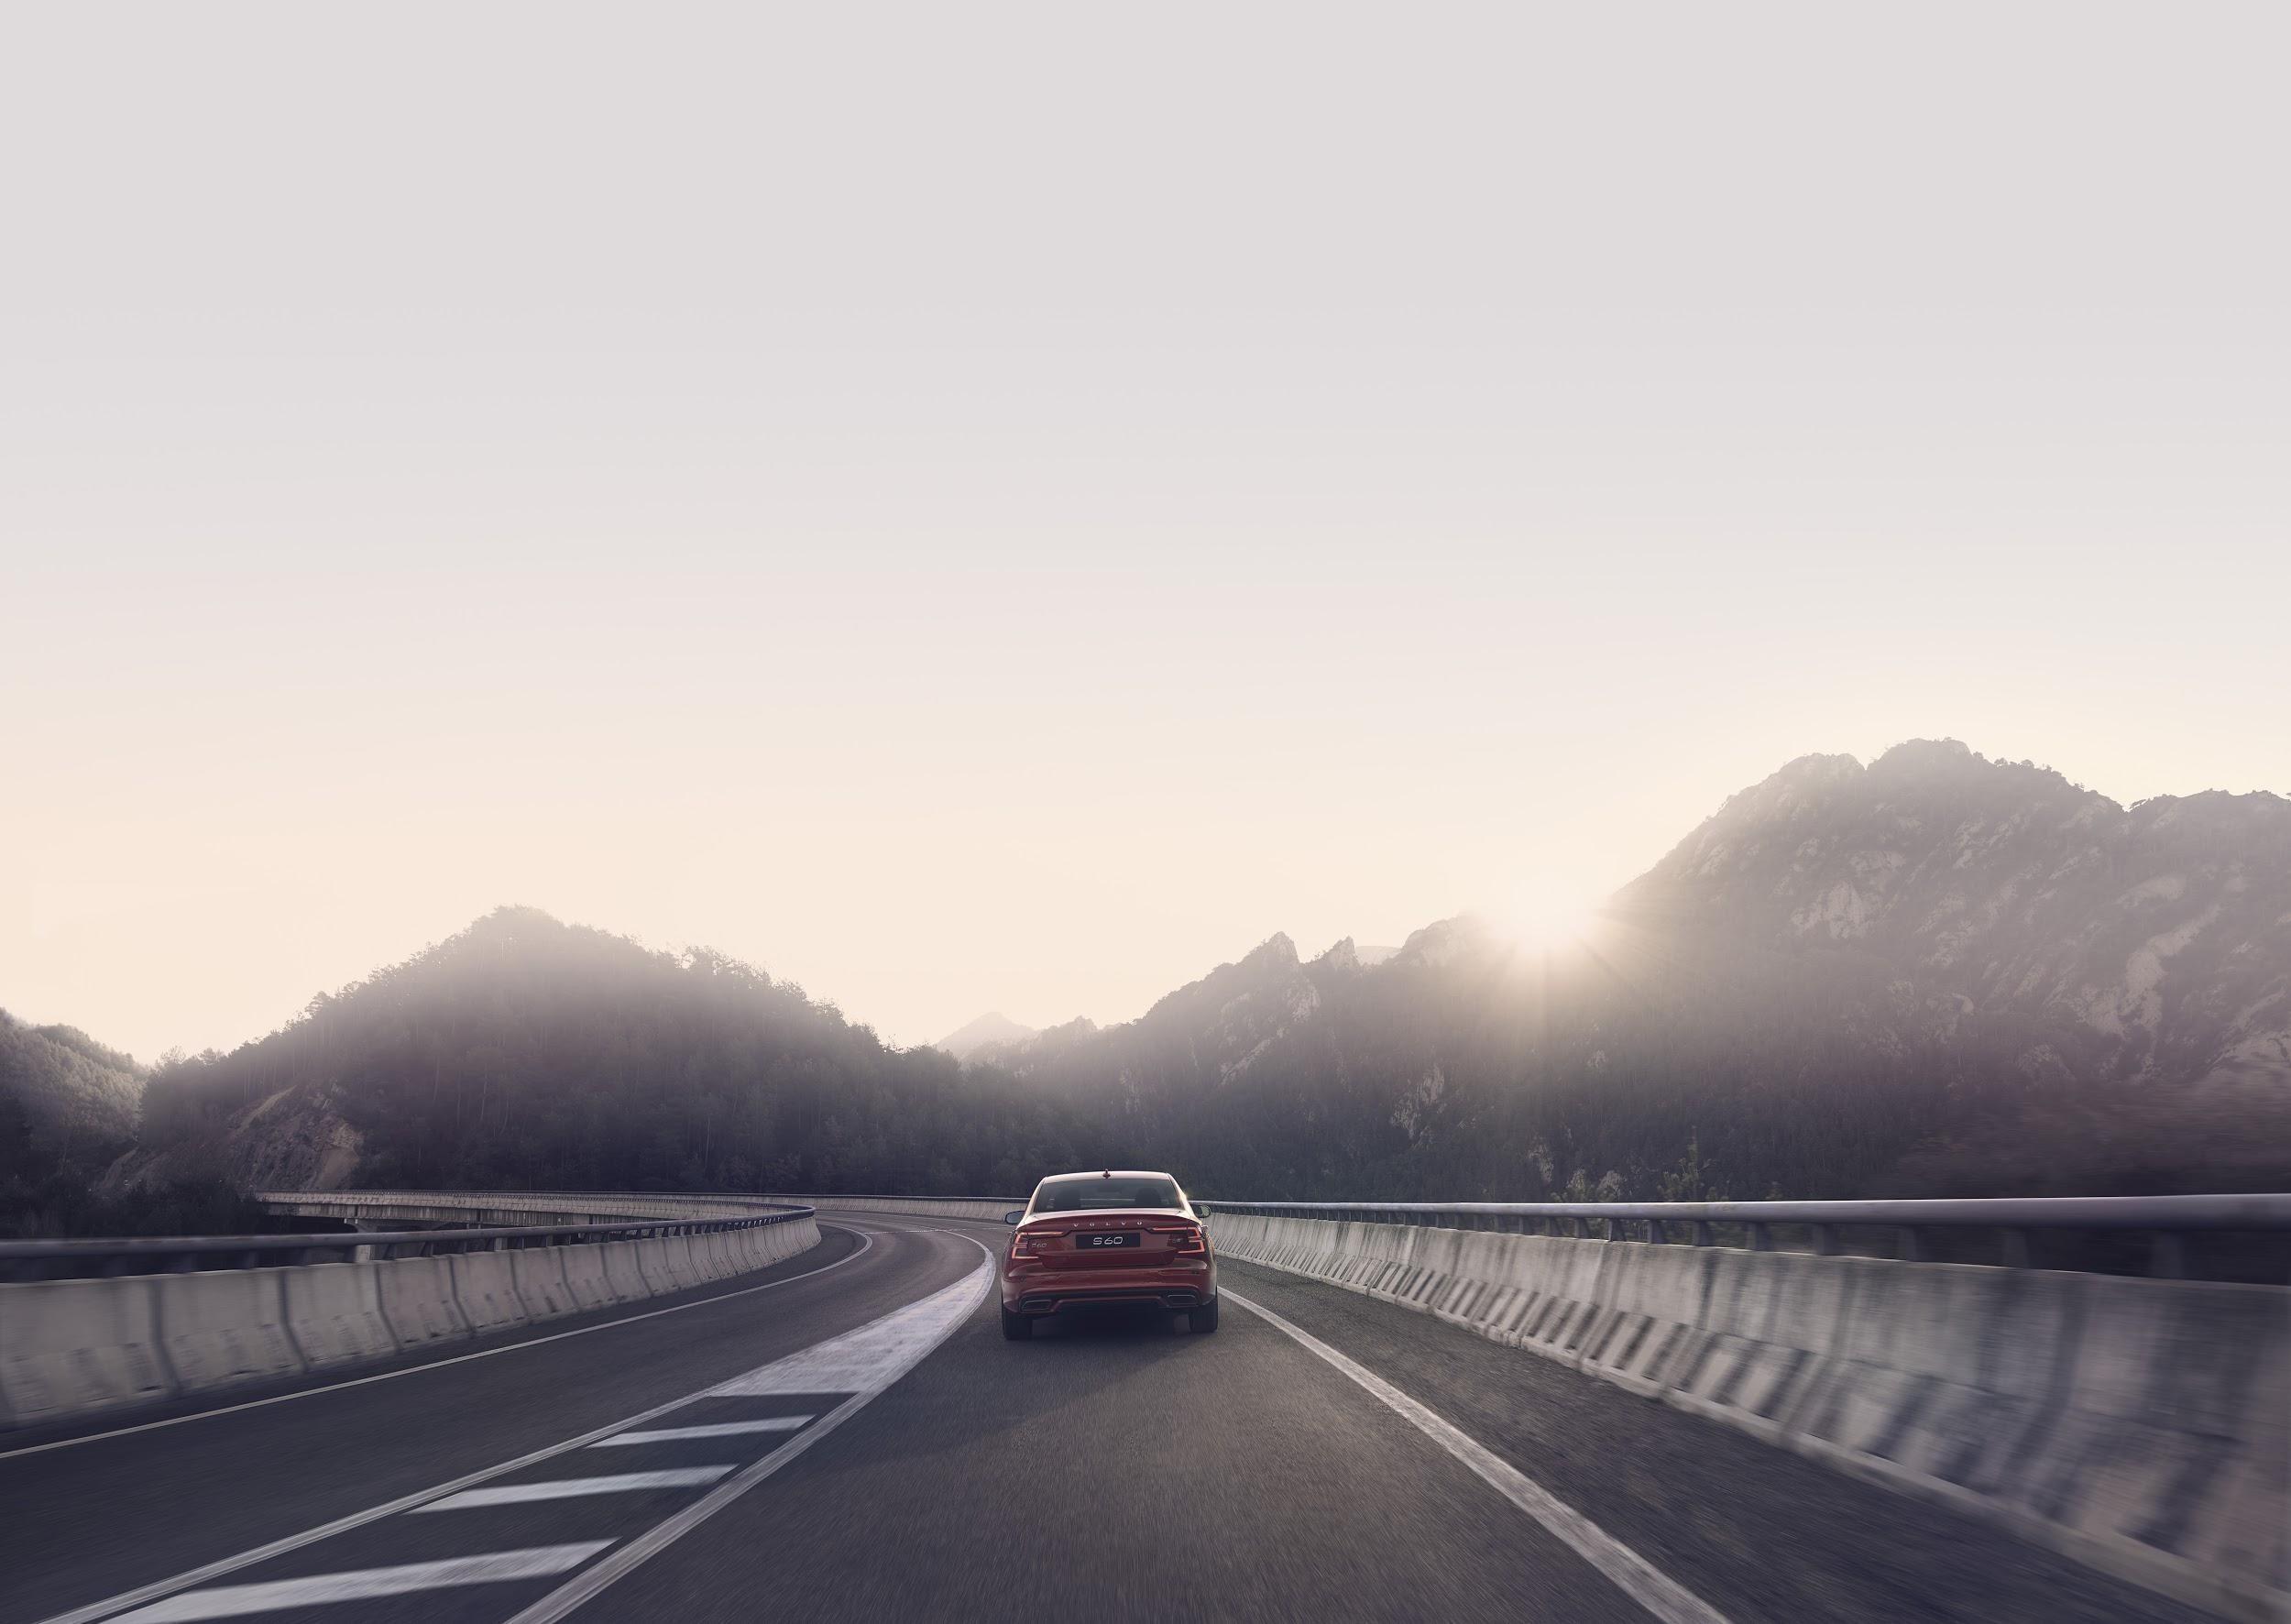 Com 407 cavalos, Volvo S60 chega aos 100 km/h em 4,4 segundos - Notícias - Plantão Diário